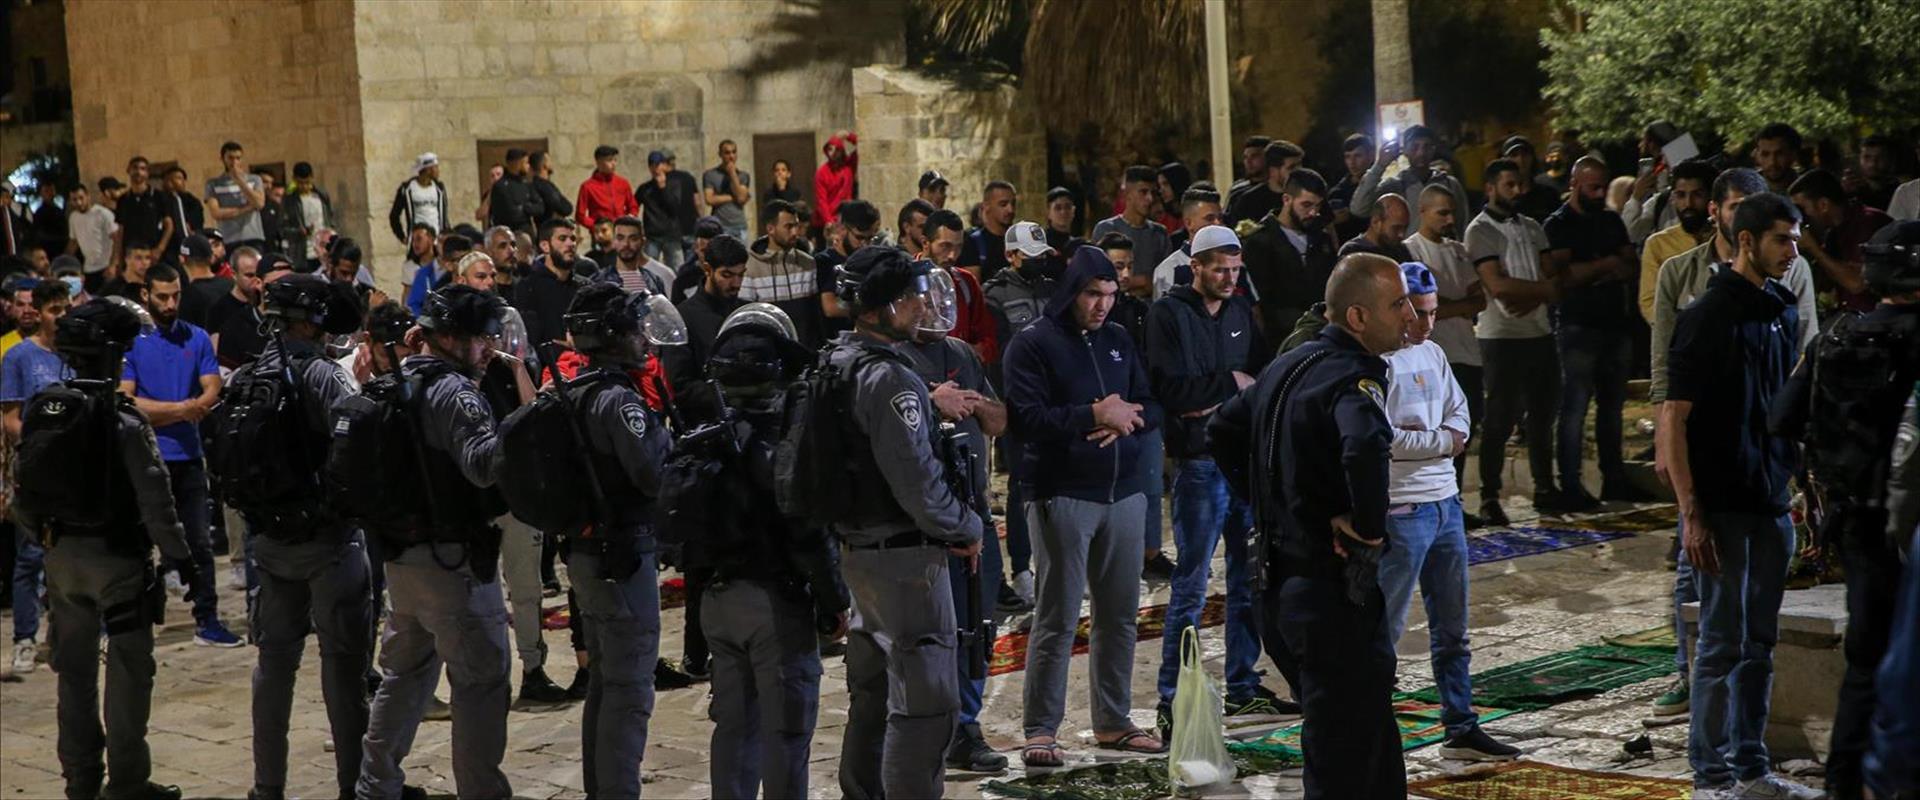 La police se prépare aux affrontements ce soir à Jérusalem